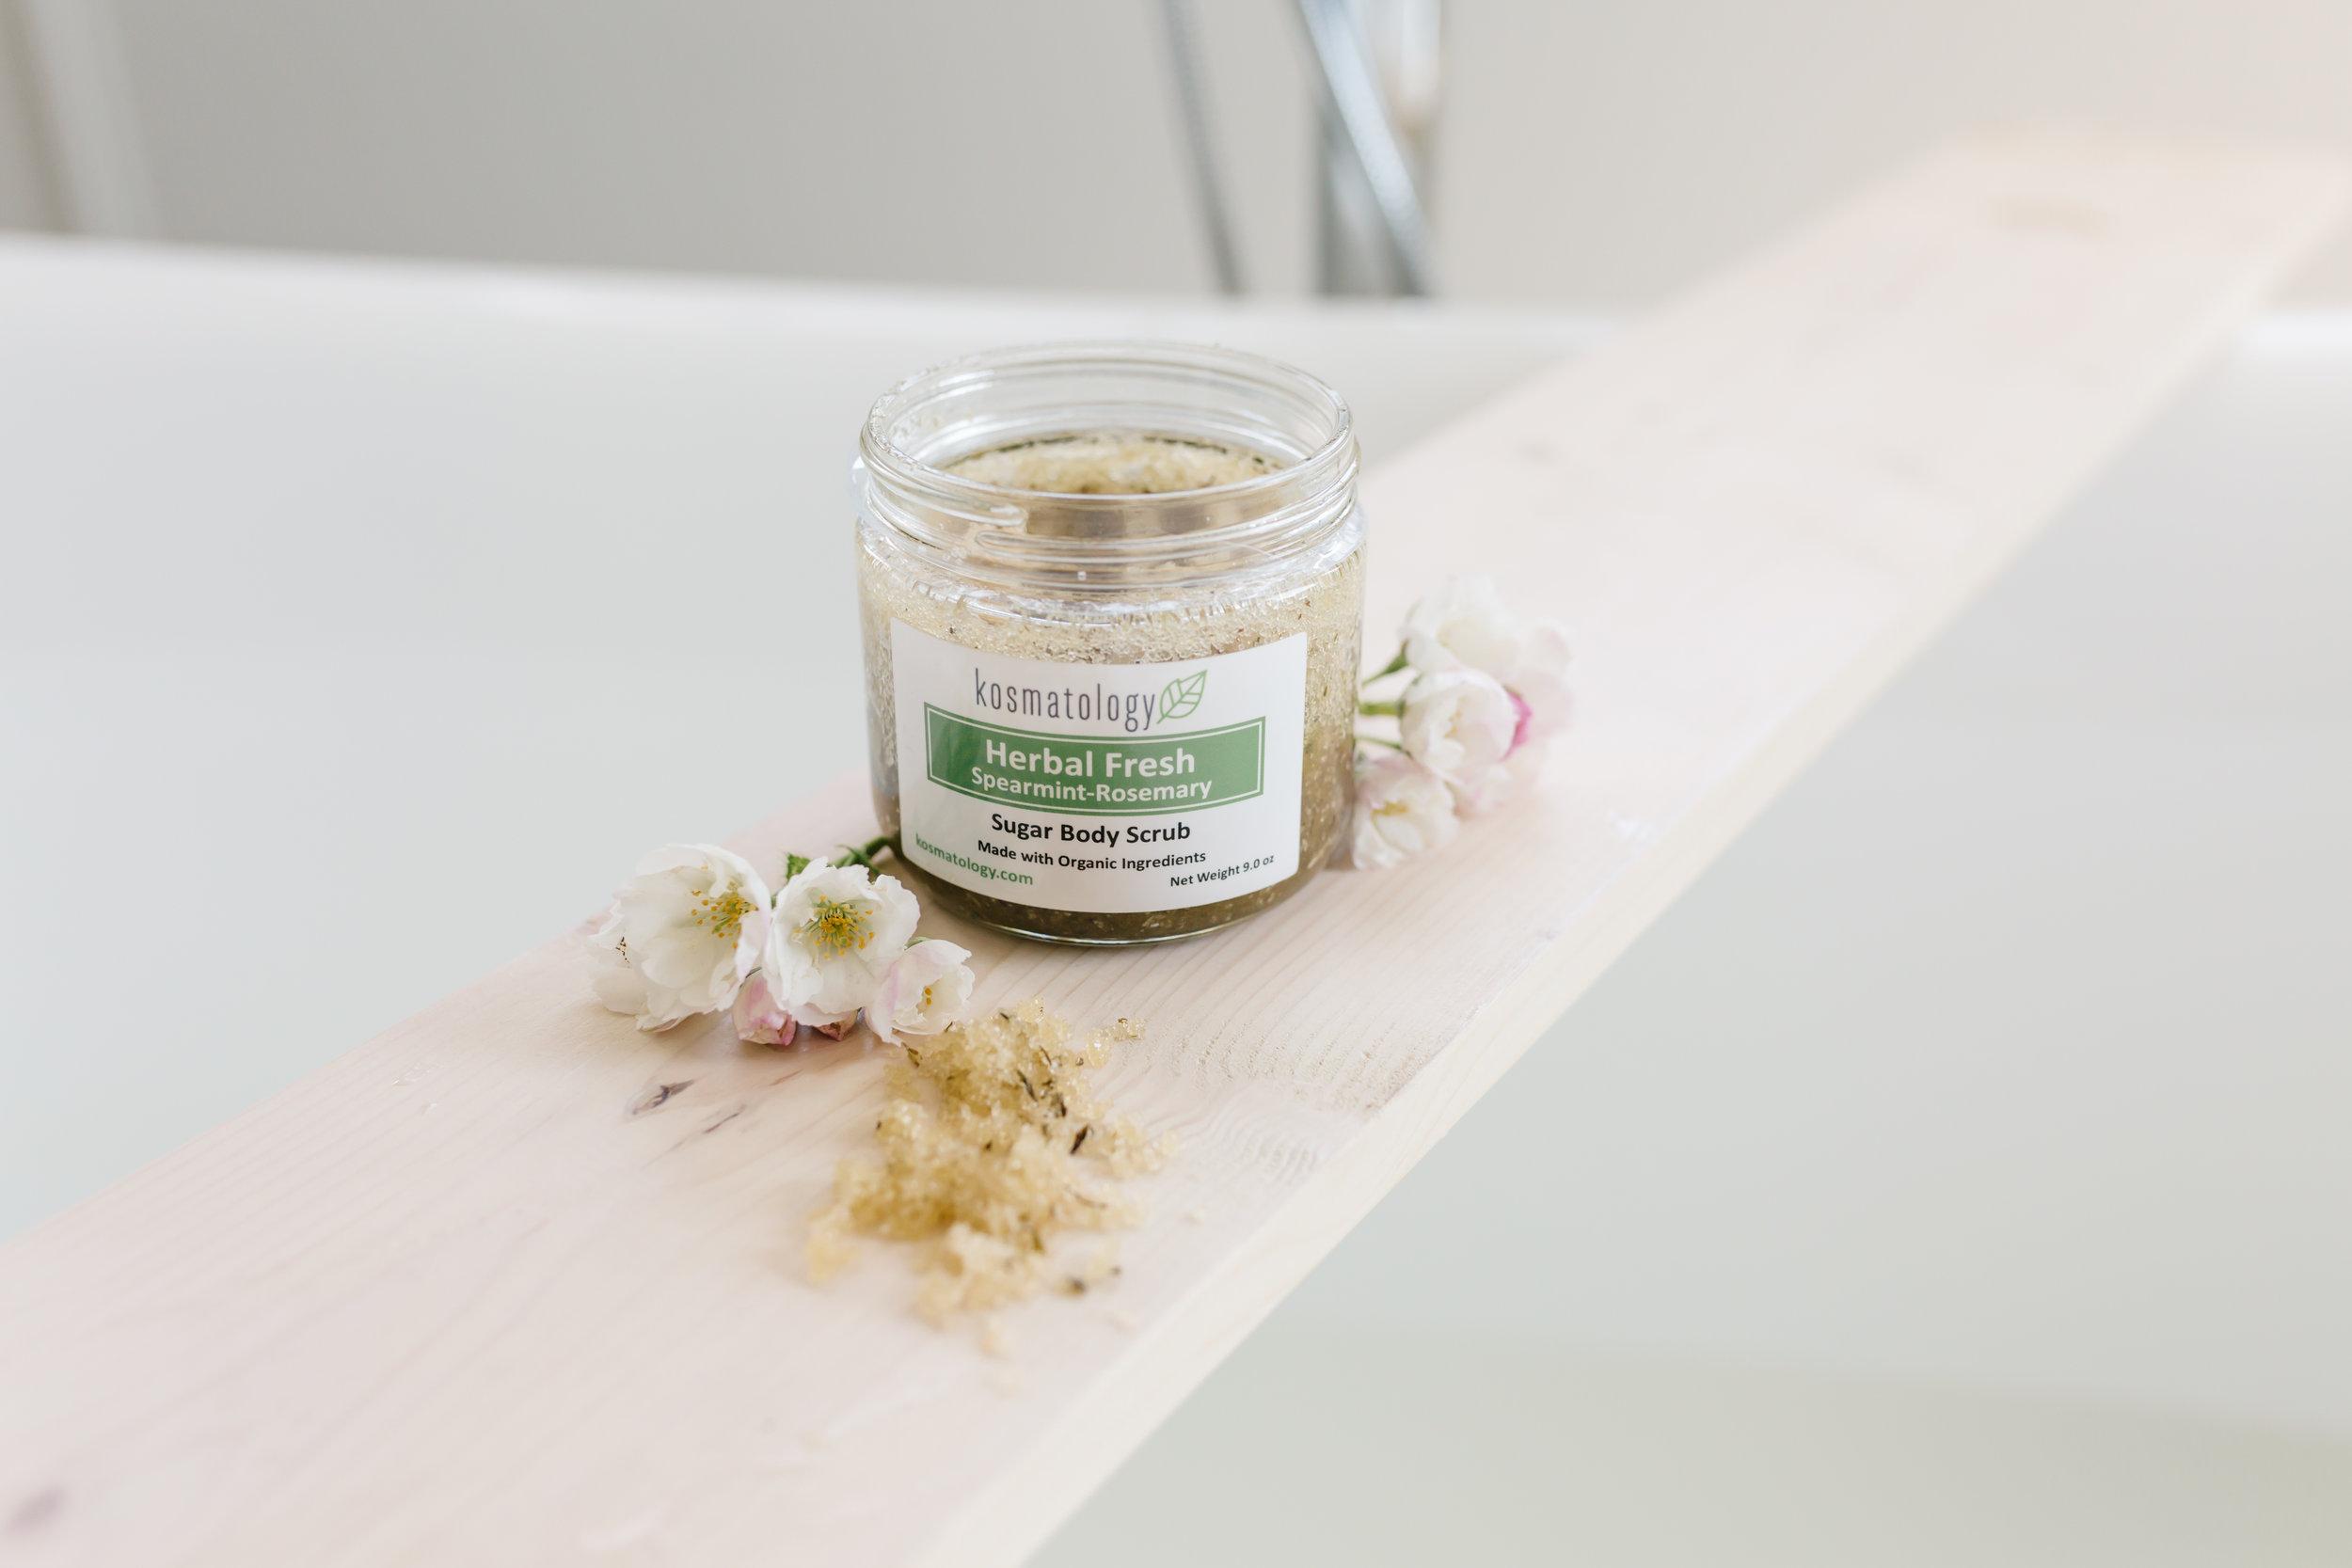 Herbal Fresh Sugar Scrub styled with a bath tub